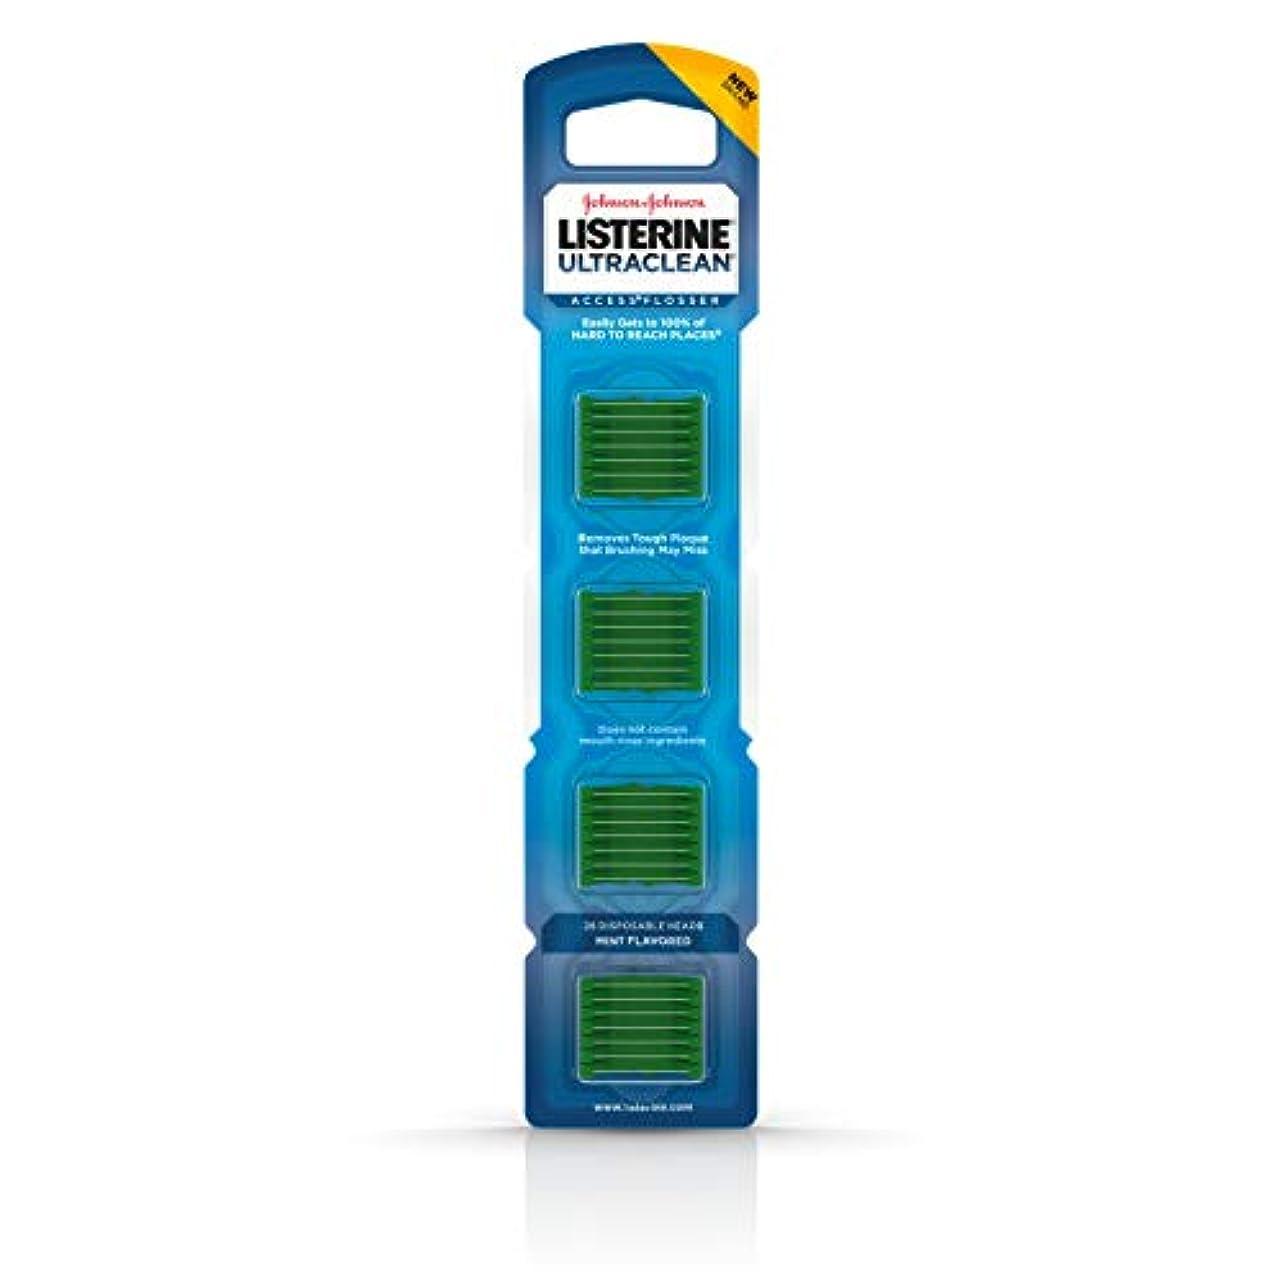 本体男らしい複製Listerine Ultraclean Access Flosser Refill Heads, Mint, 28 Count [並行輸入品]